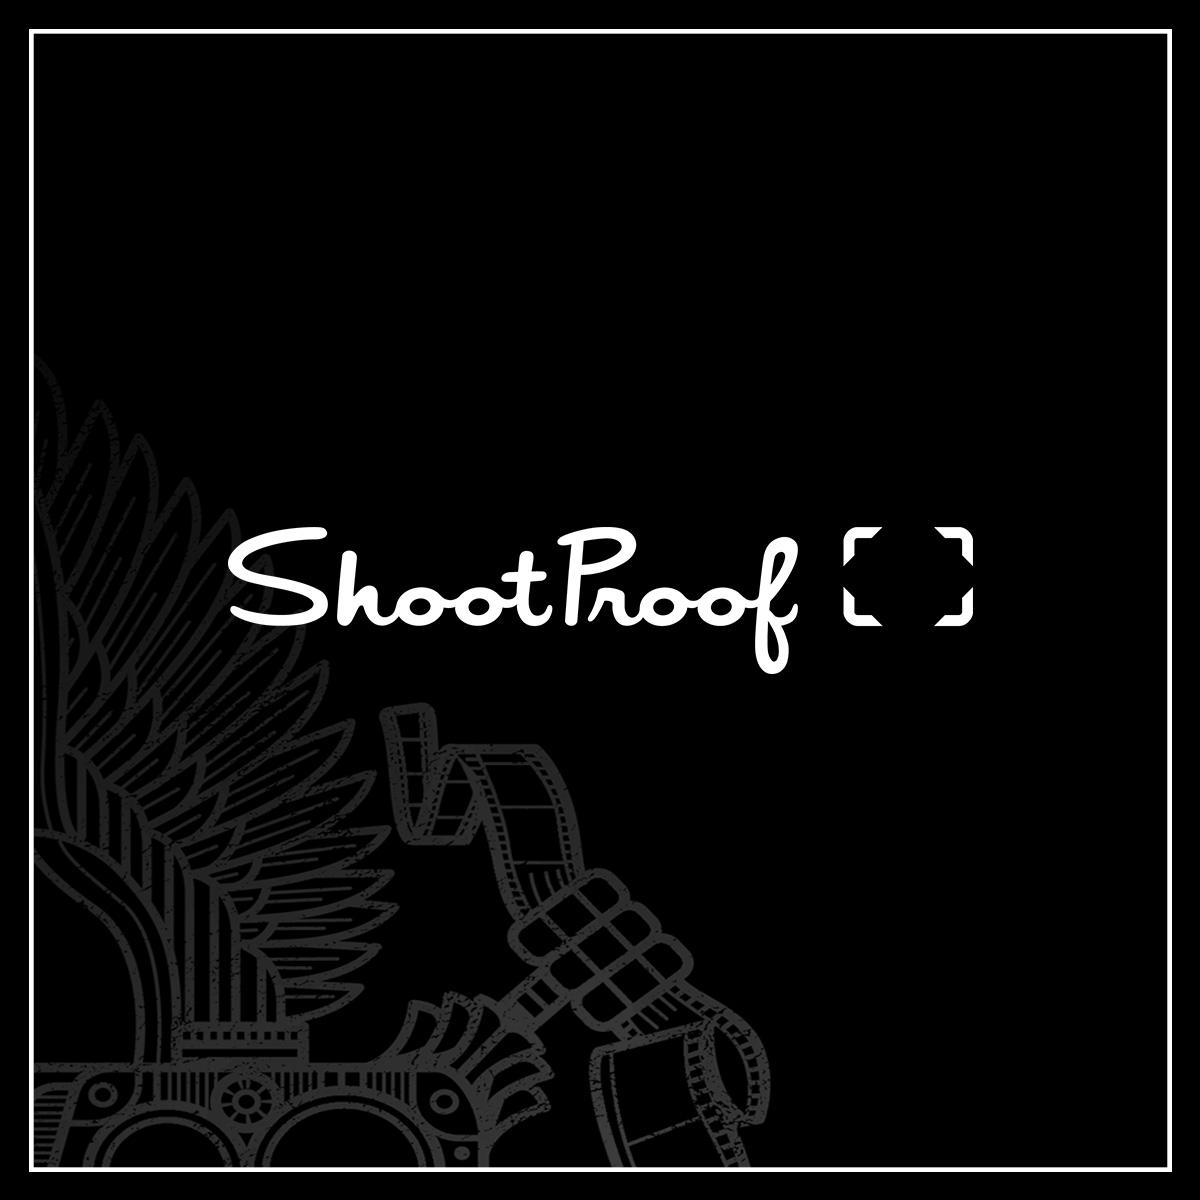 2018 Logo - ShootProof.jpg